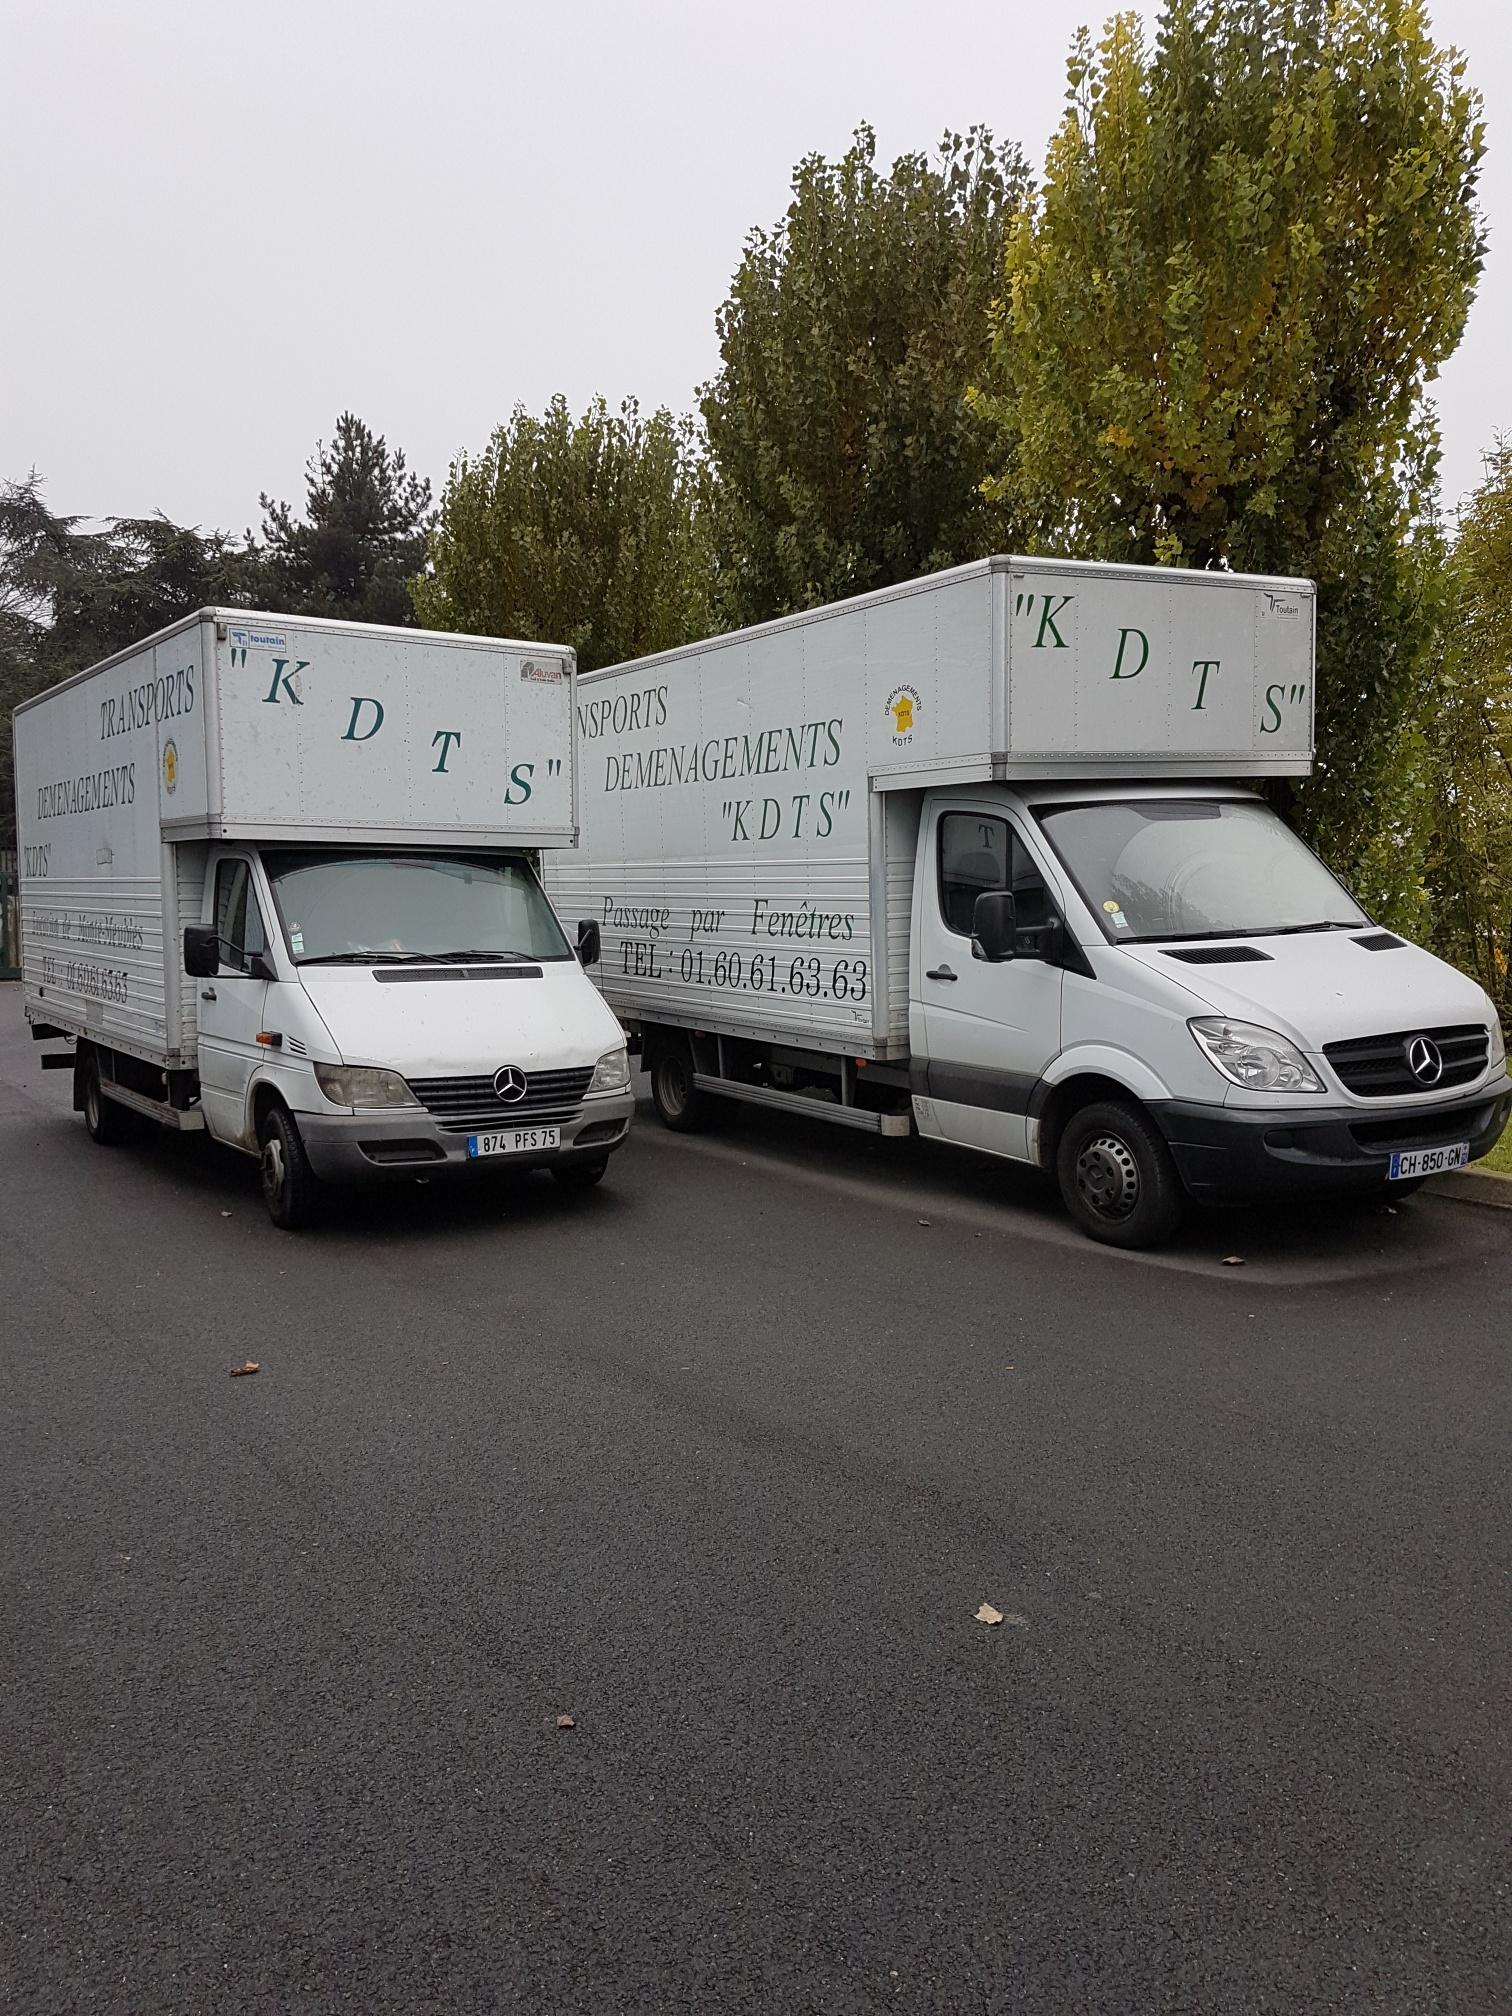 Déménagements KDTS - Matériel camions